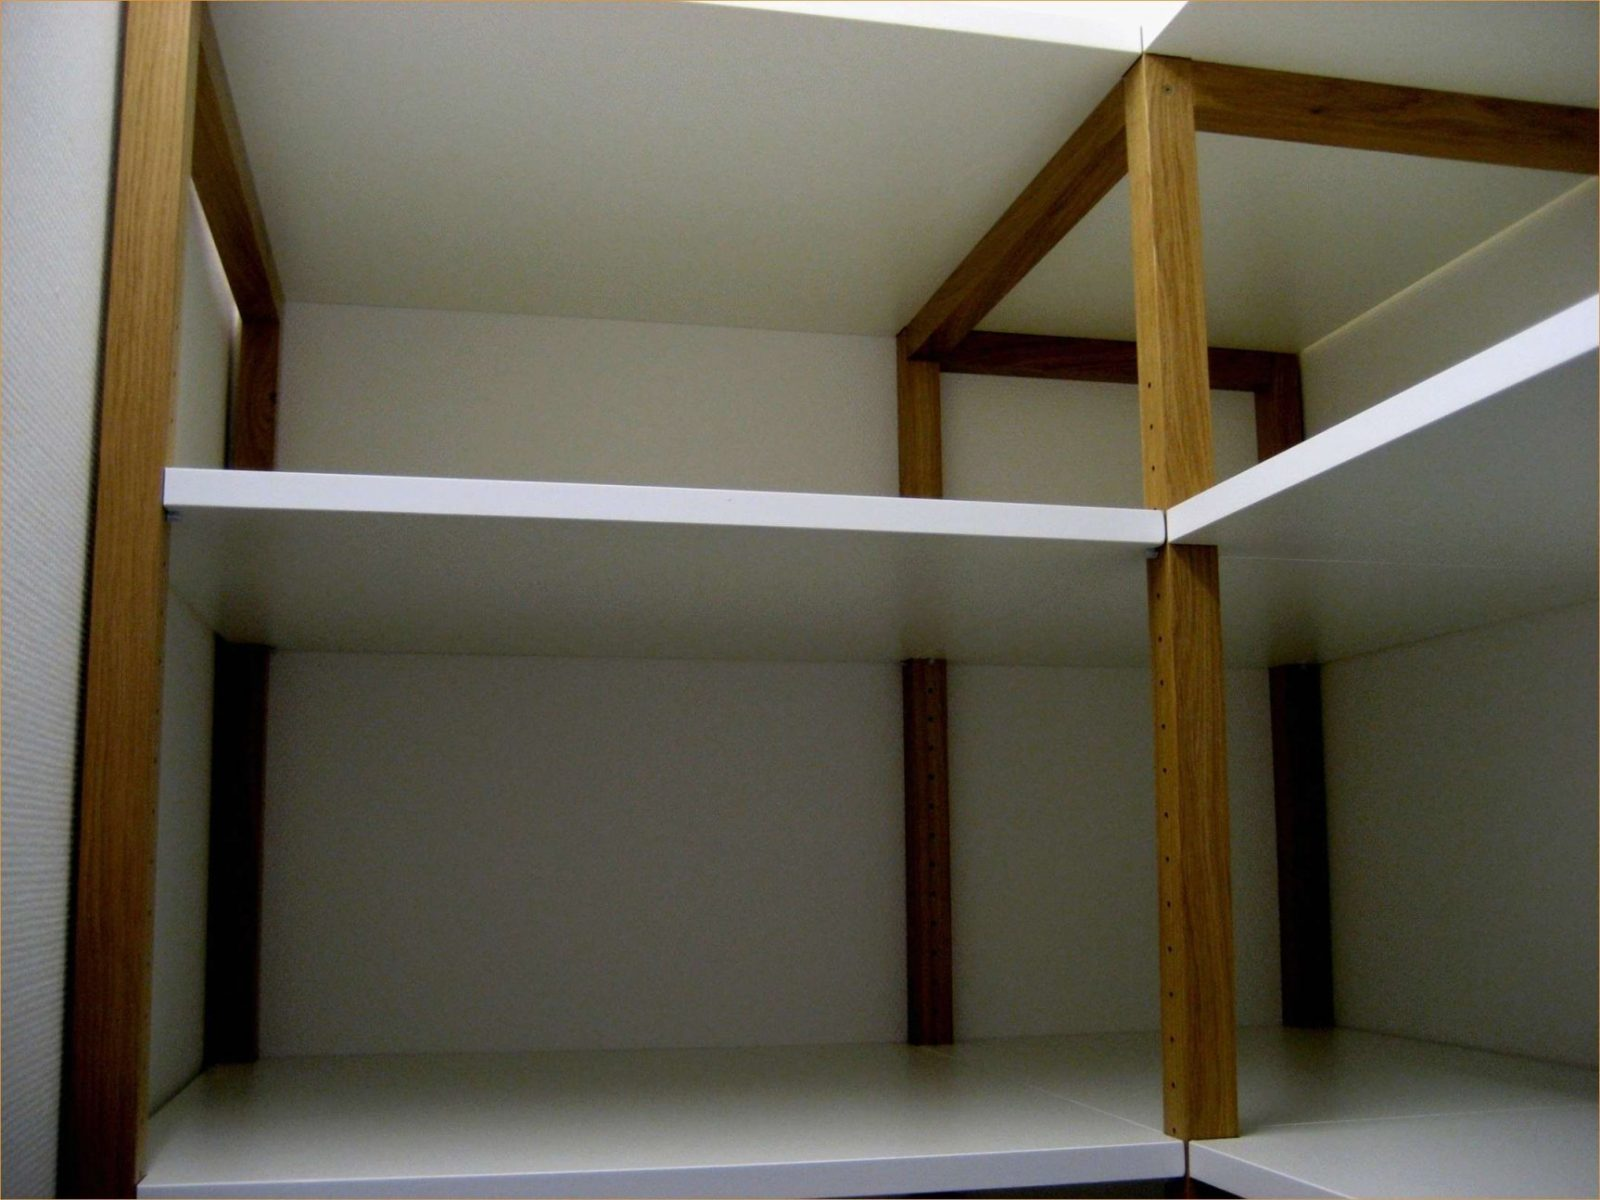 Abstellkammer Regal Fein Cool Regal Für Abstellraum Regale Schon 0D von Regal Abstellraum Selber Bauen Bild